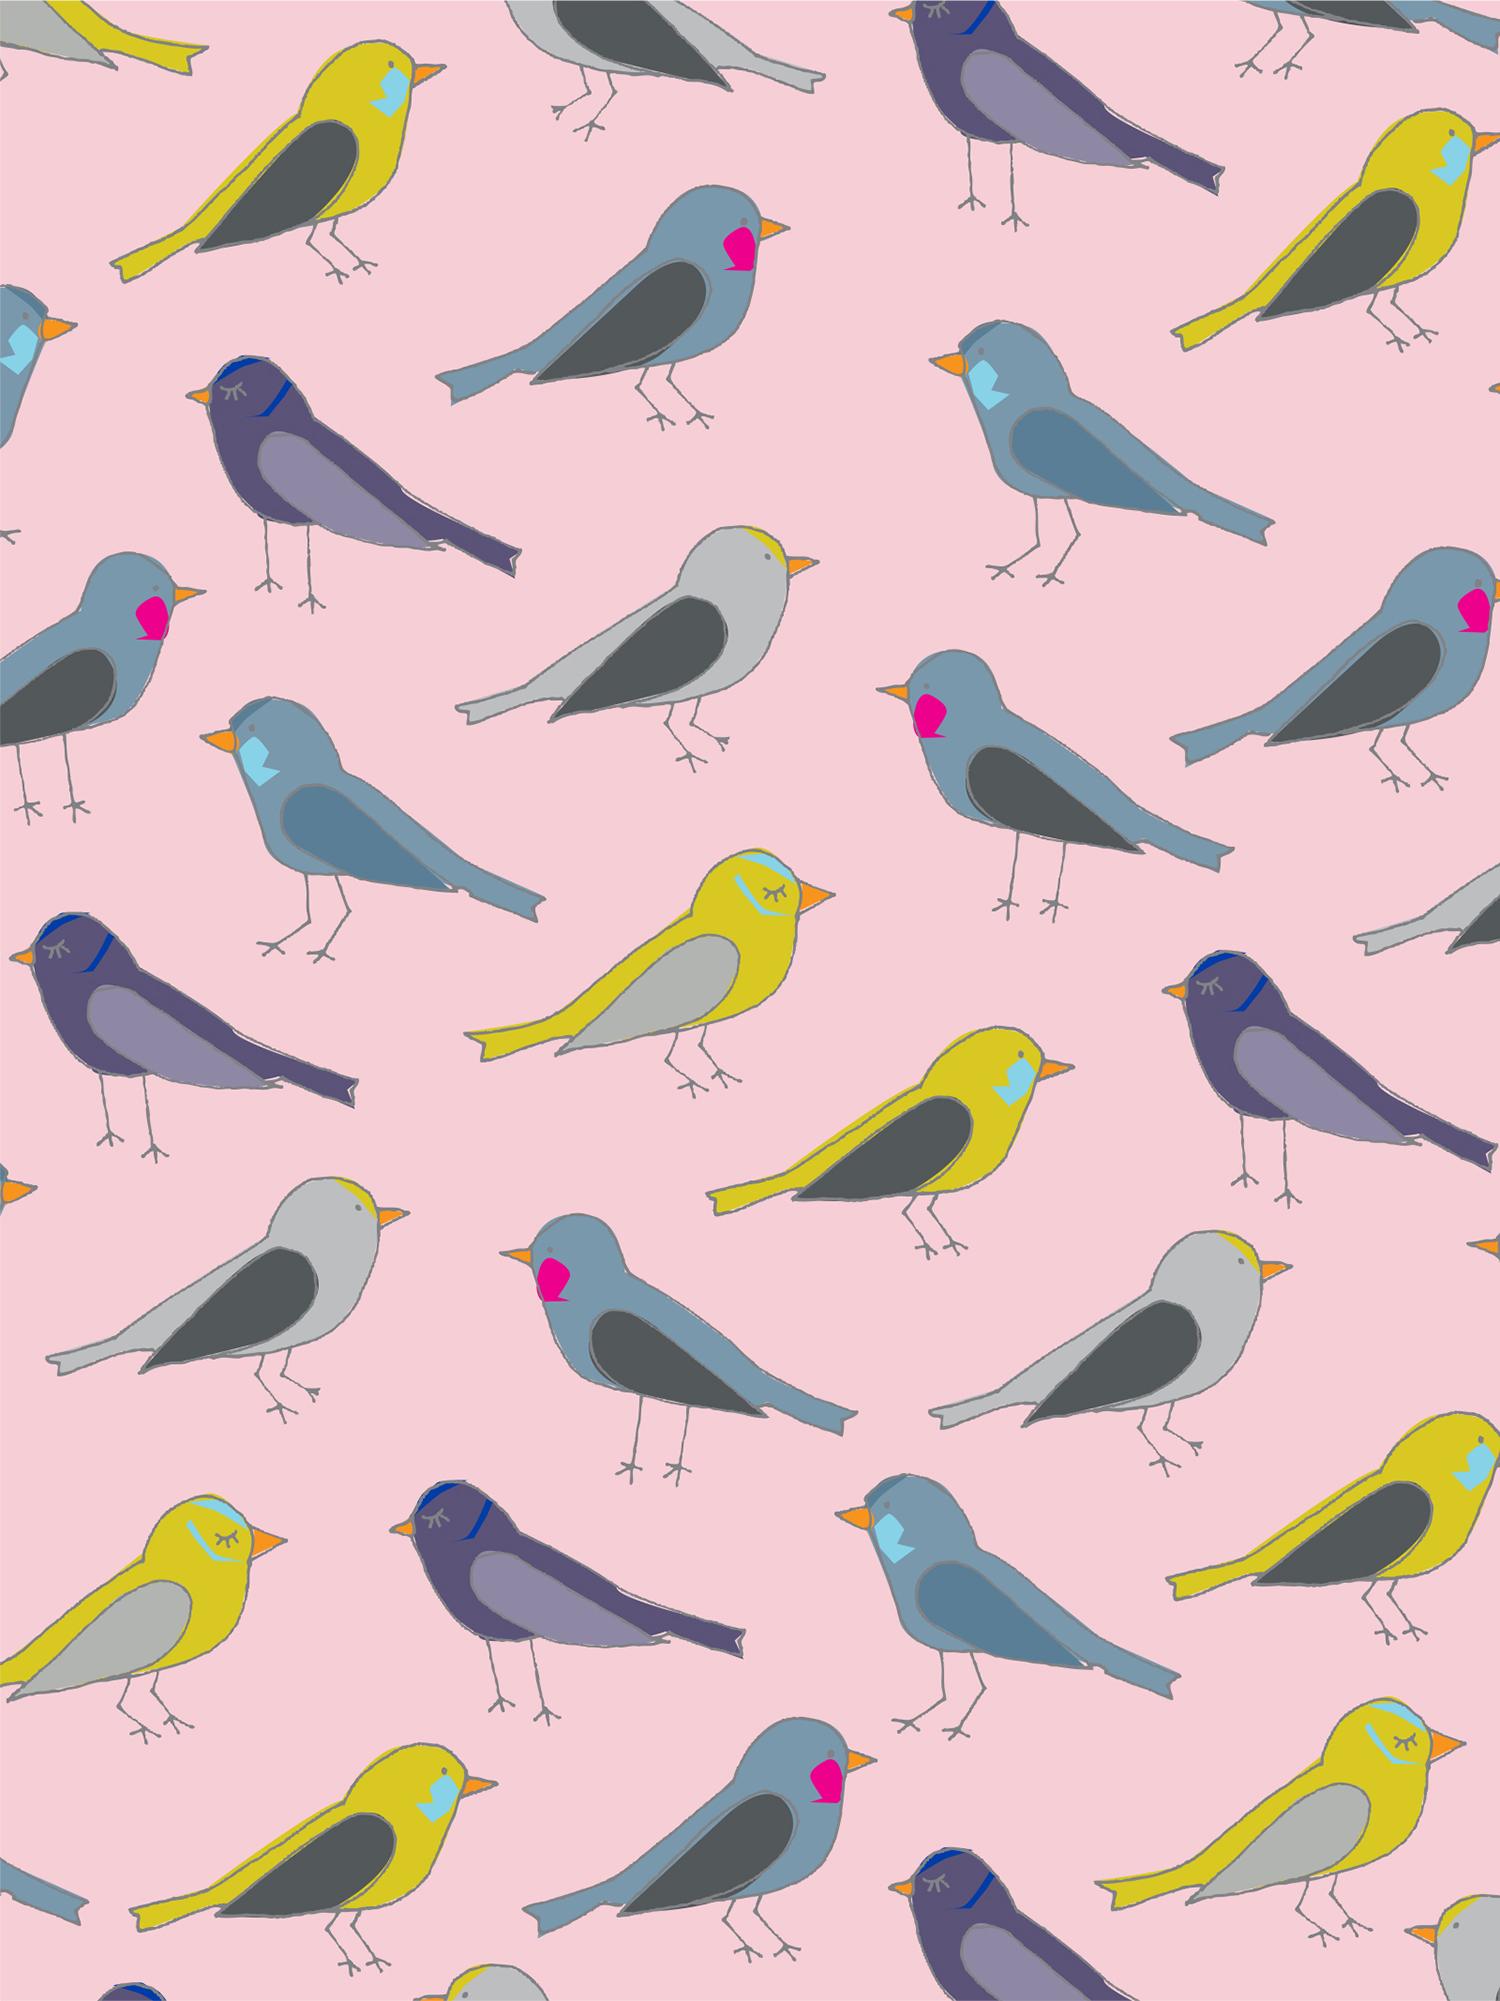 jami_darwin_flock_of_birds.jpg